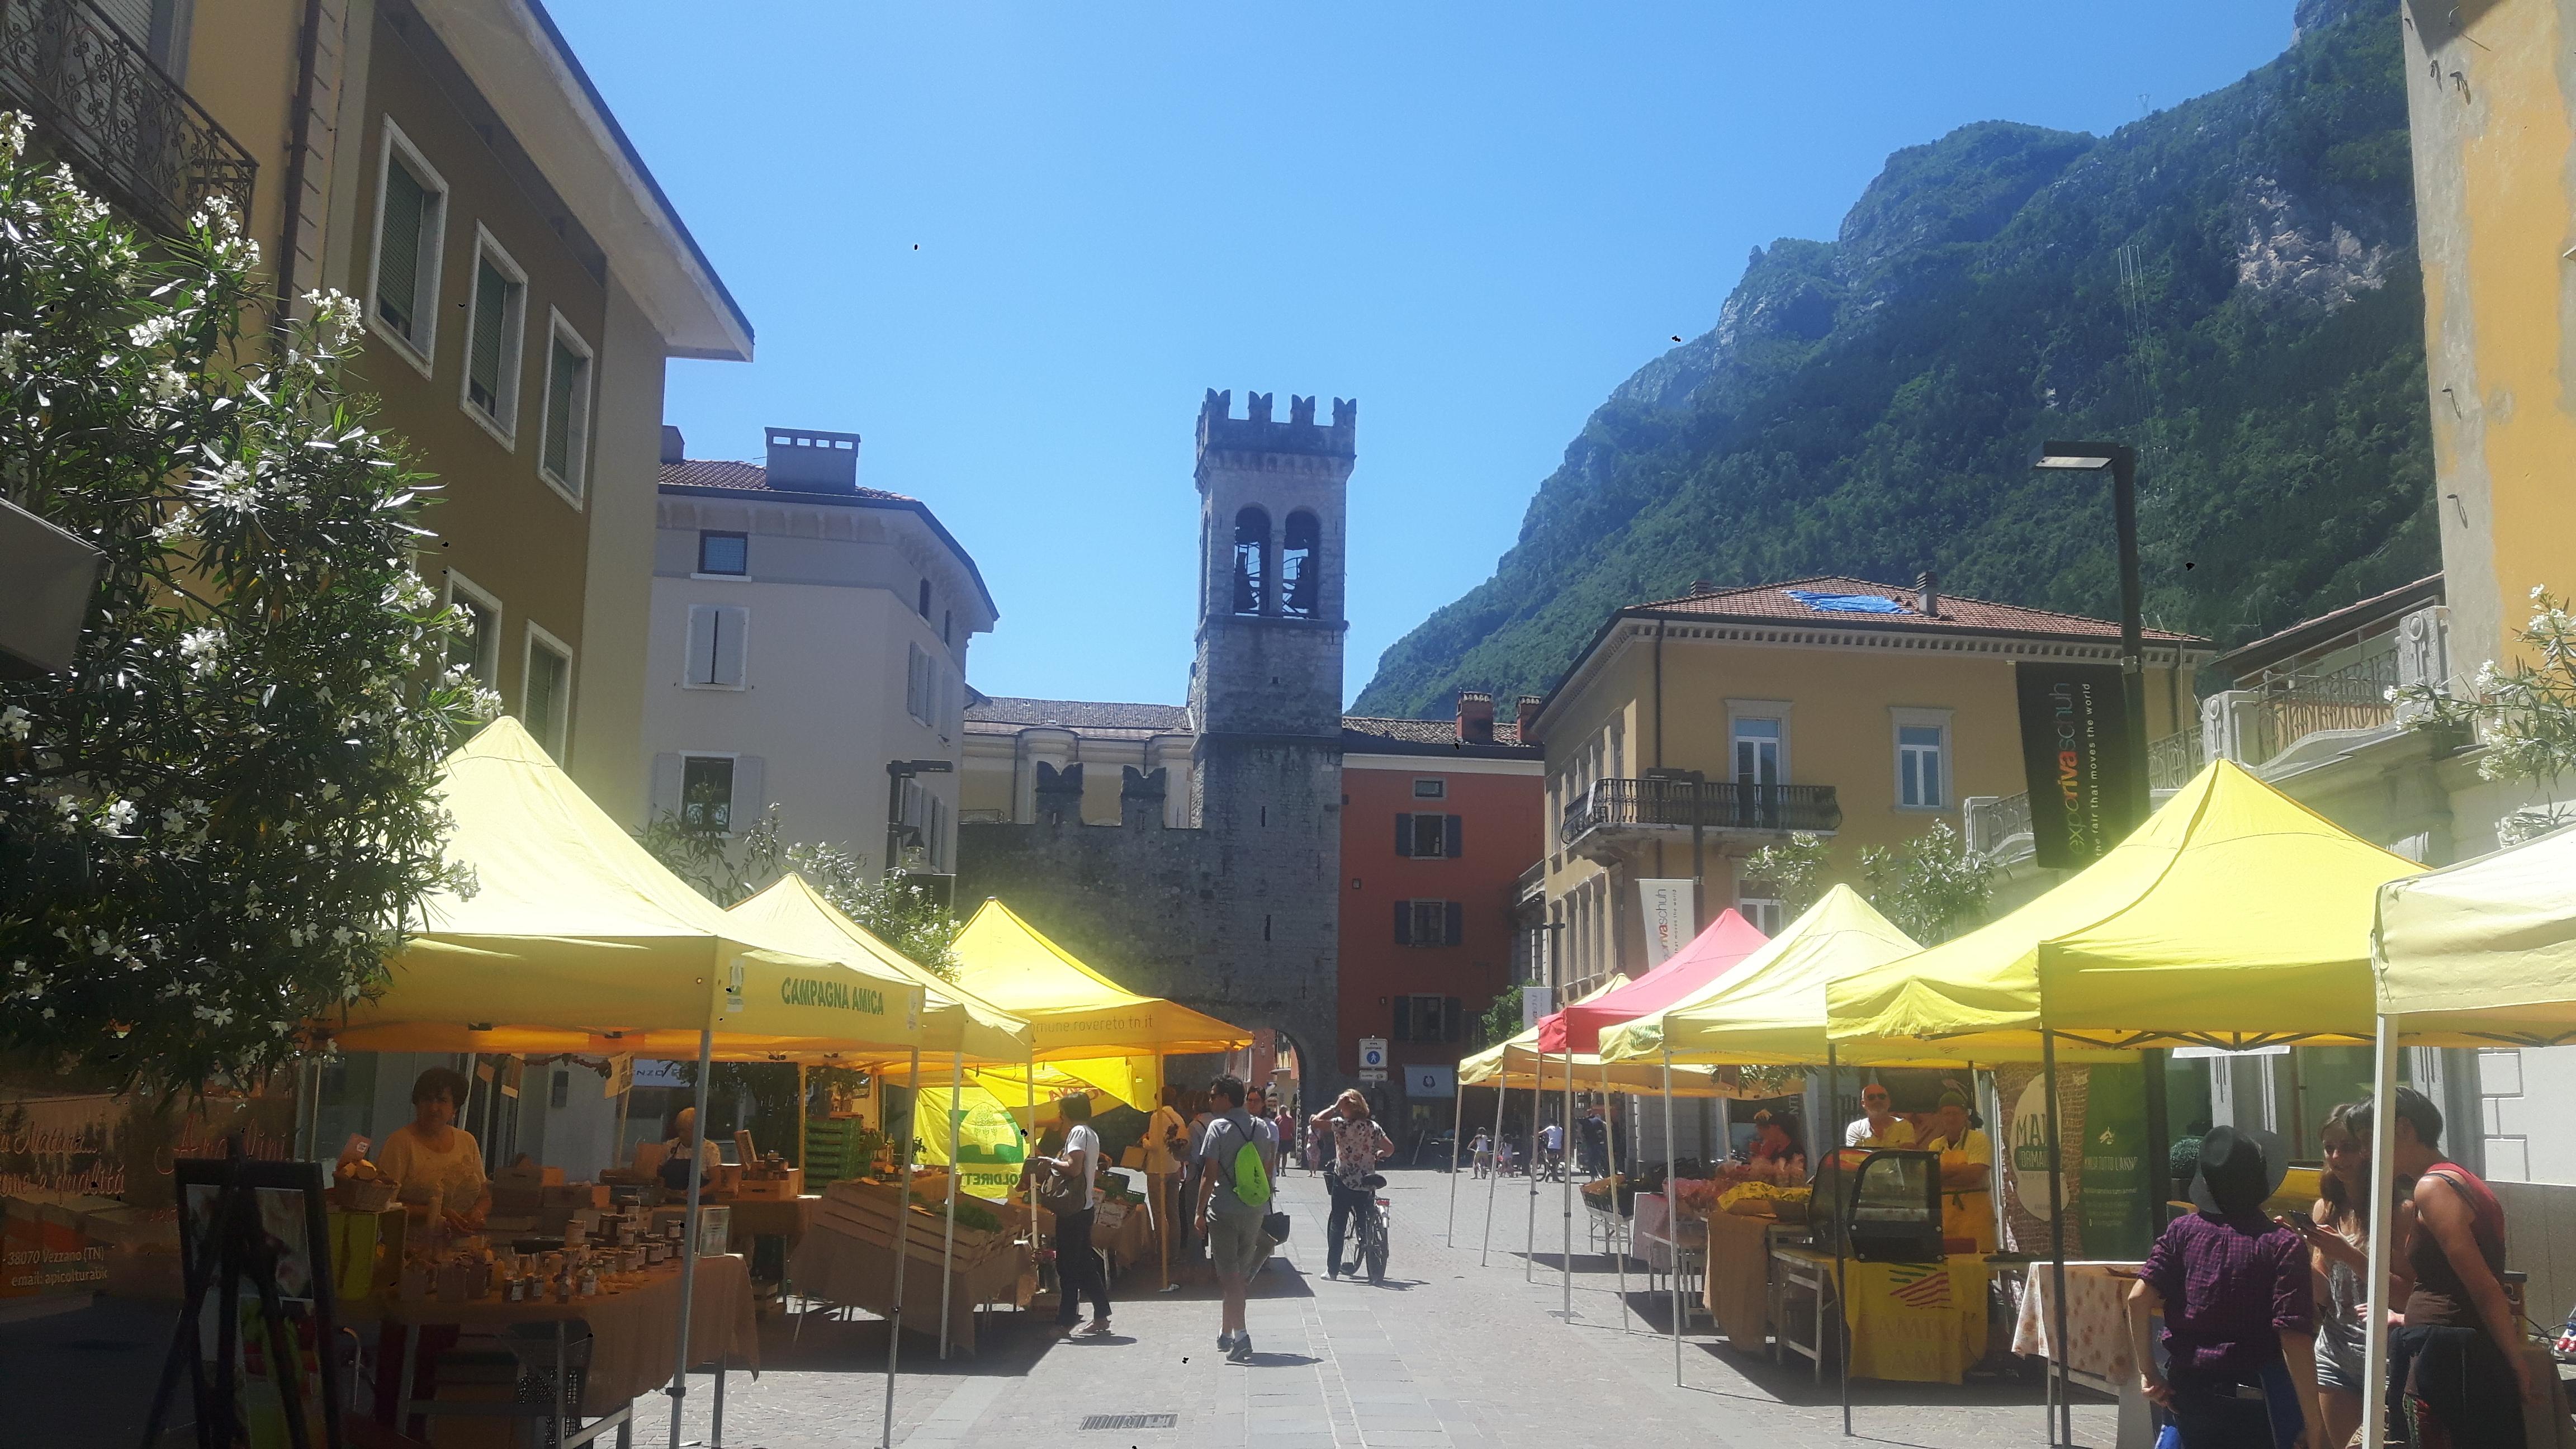 Torre Aponnale w Riva del Garda